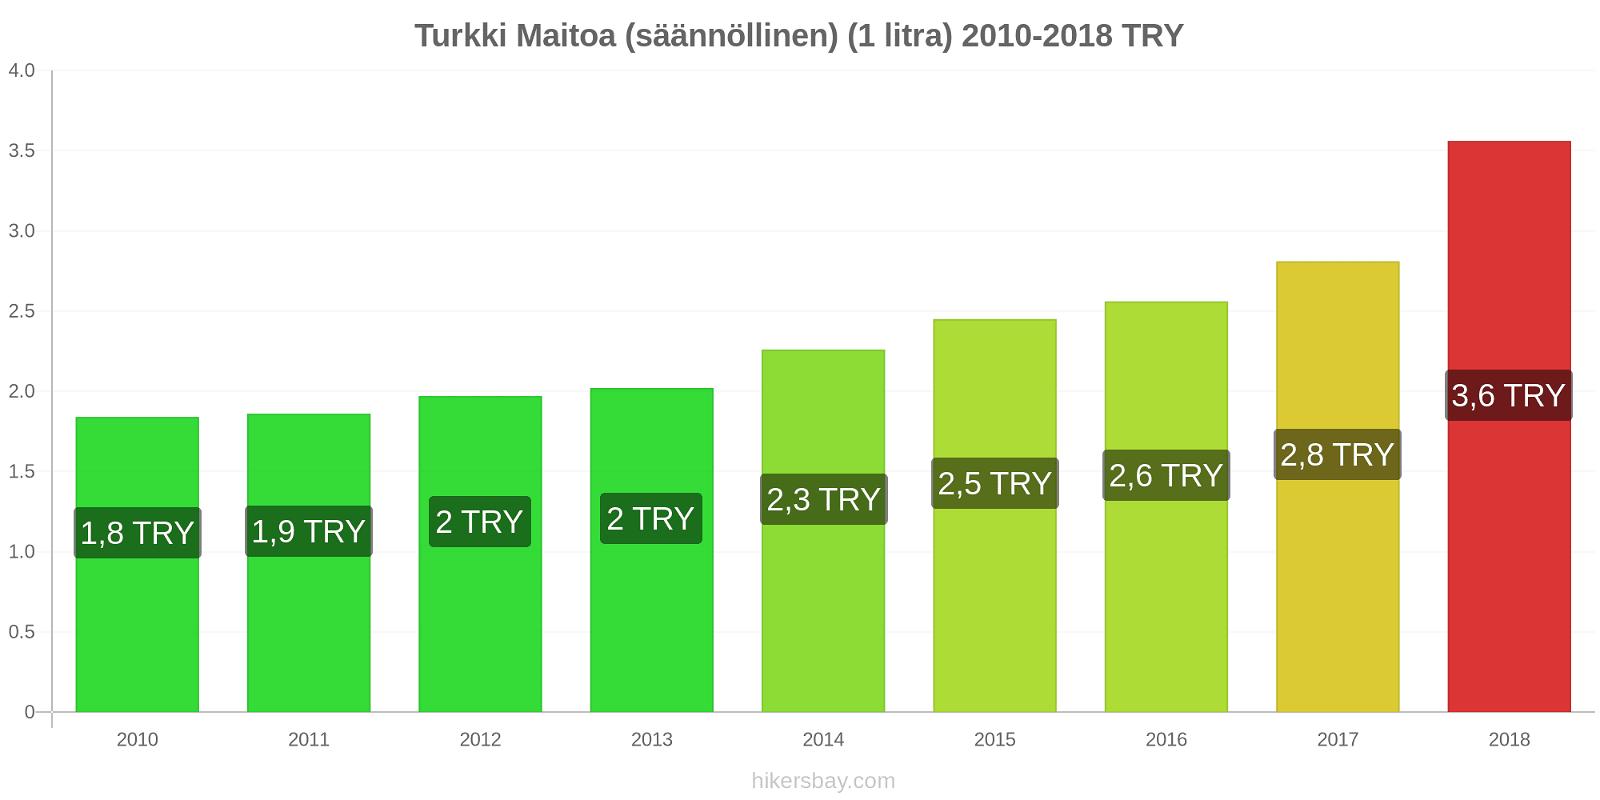 Turkki hintojen muutokset Maitoa (säännöllinen) (1 litra) hikersbay.com